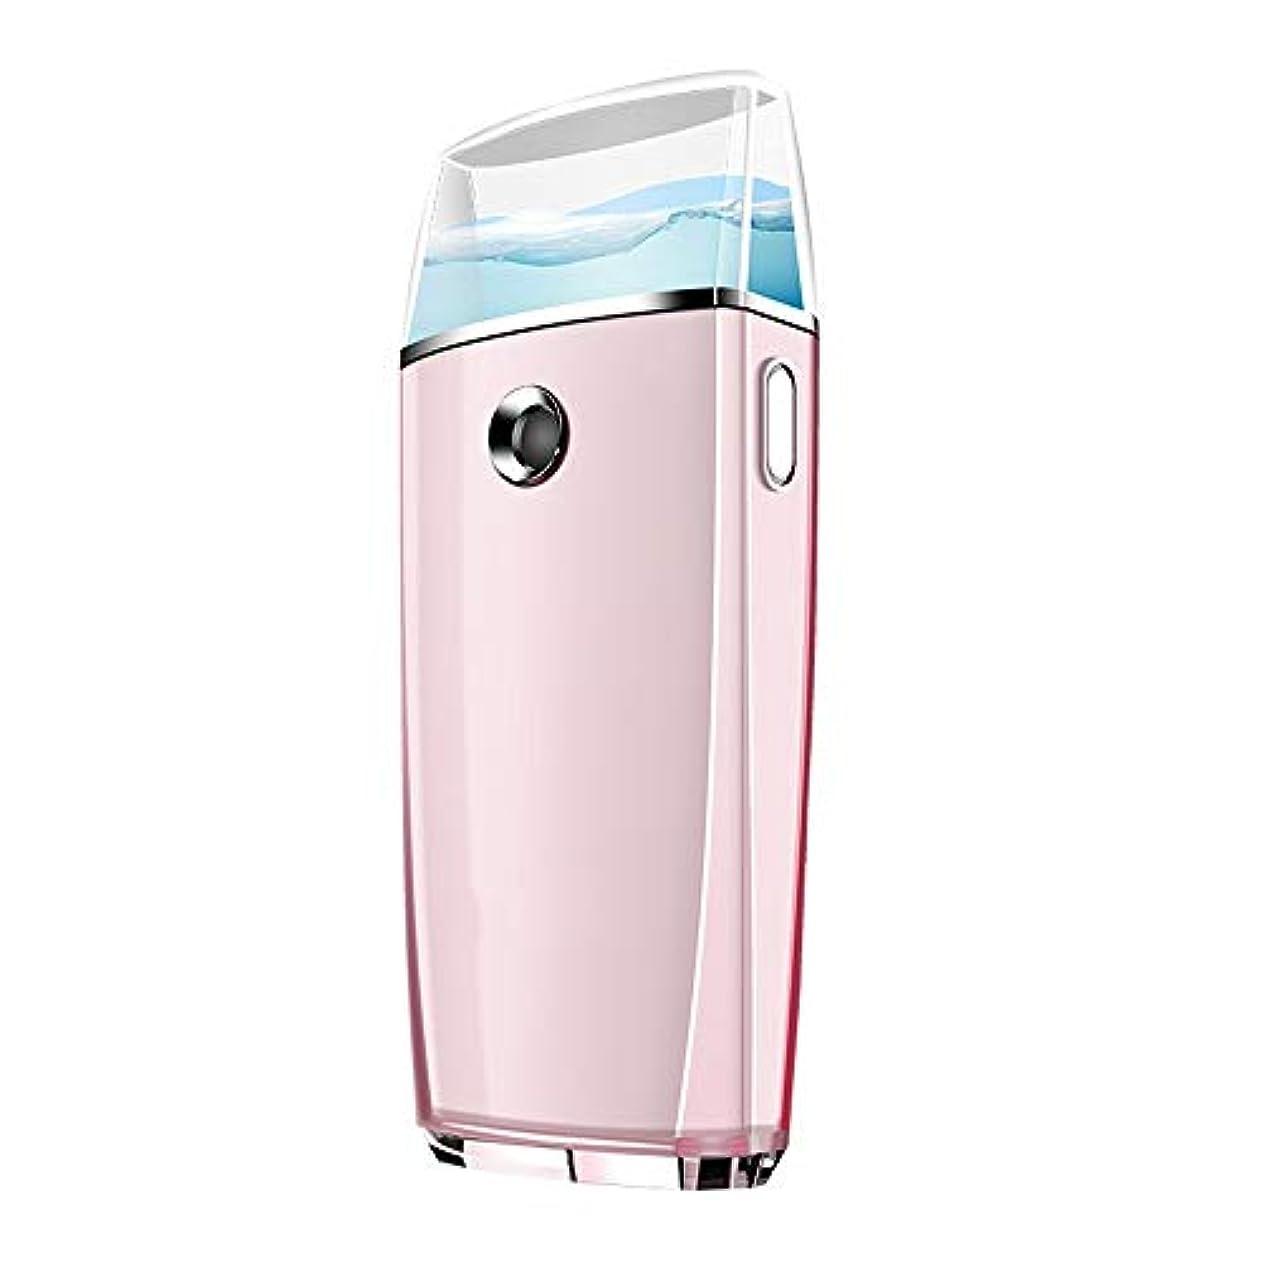 きゅうり生理首尾一貫したZXF ナノスプレー水道メーターポータブル顔美容機器充電表面コールドスプレー機スプレー2ピンクモデルグリーンモデル 滑らかである (色 : Pink)